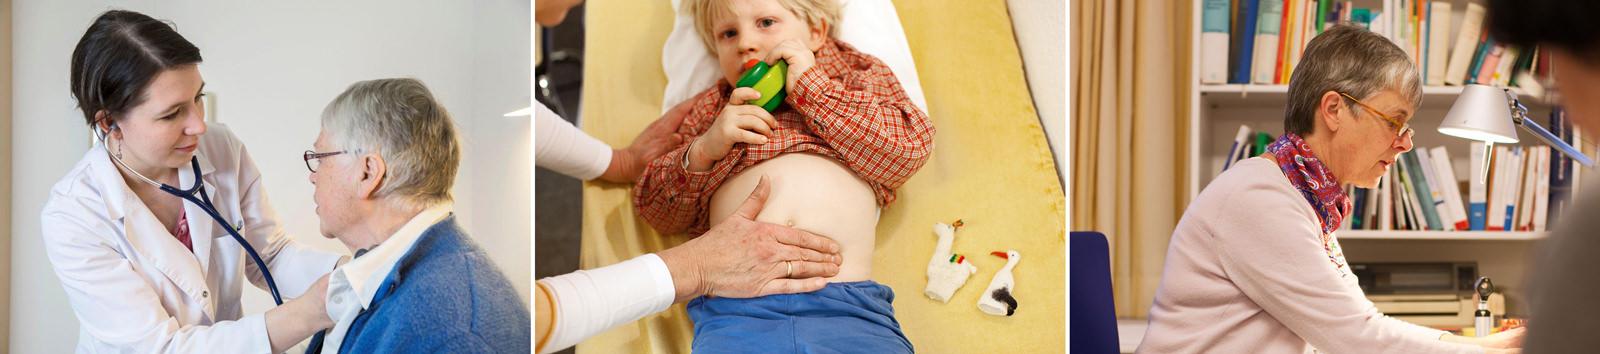 Vorsorge und Nachsorgeuntersuchungen in der Arzt Praxis in Bleckede